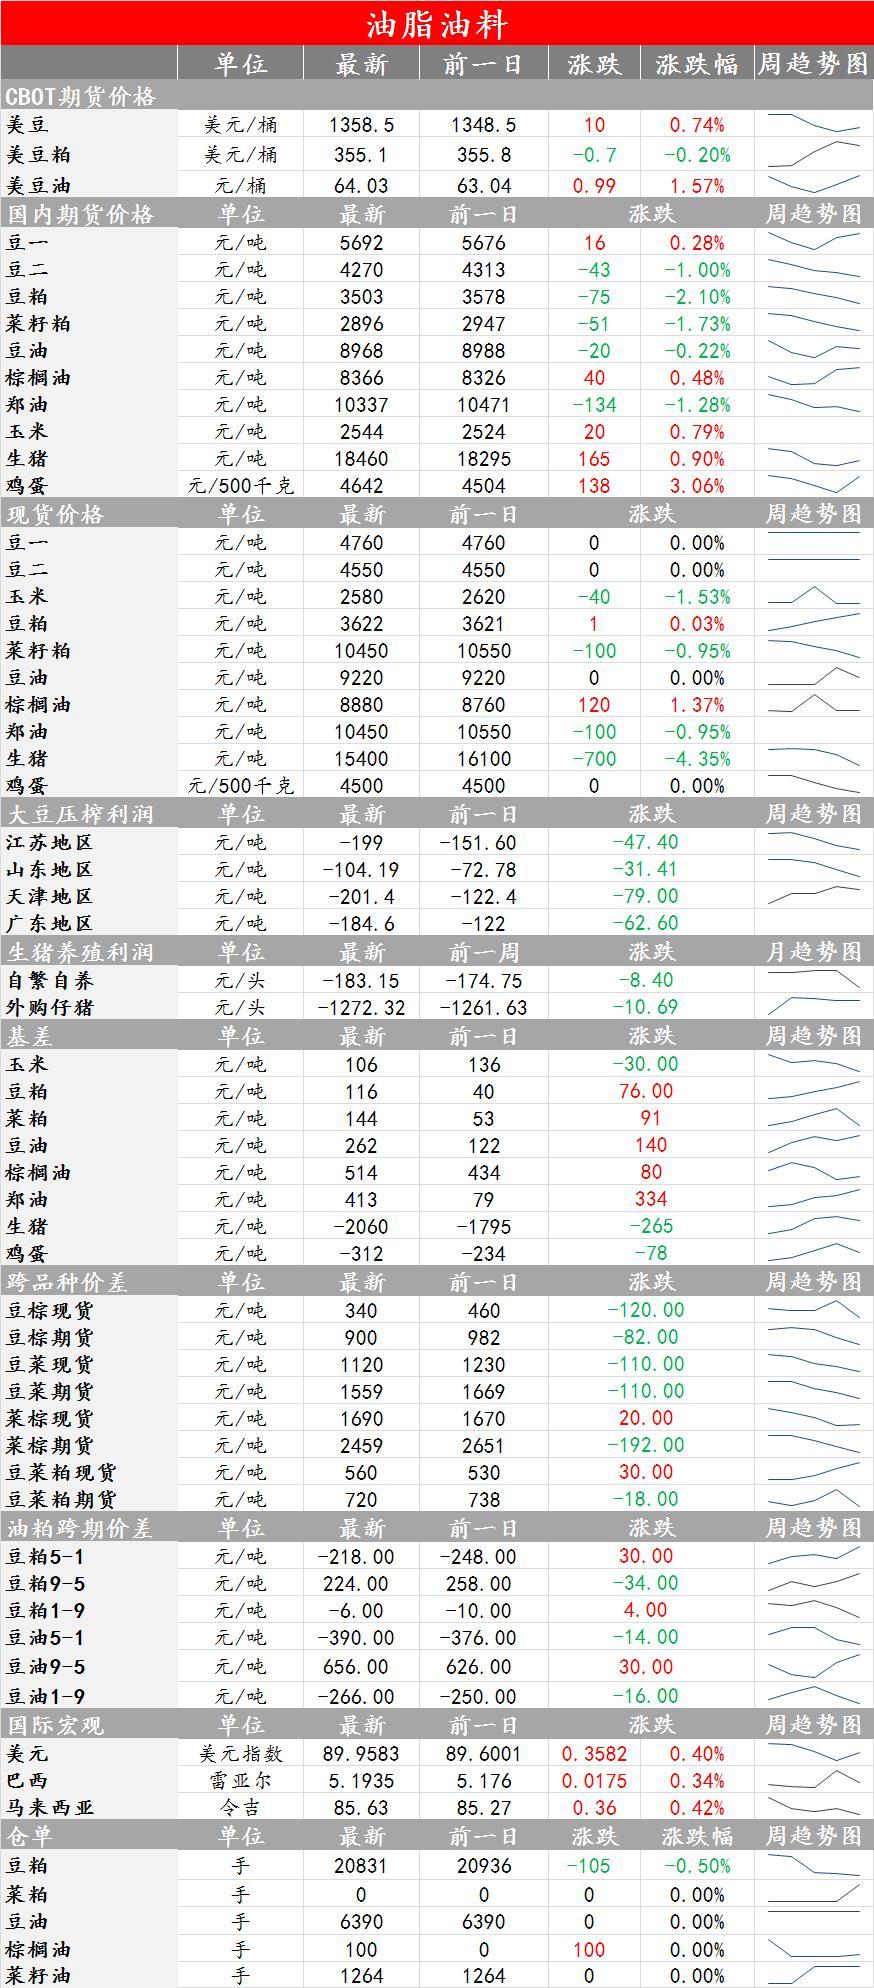 沪深300股指期权_铁矿石期货保证金